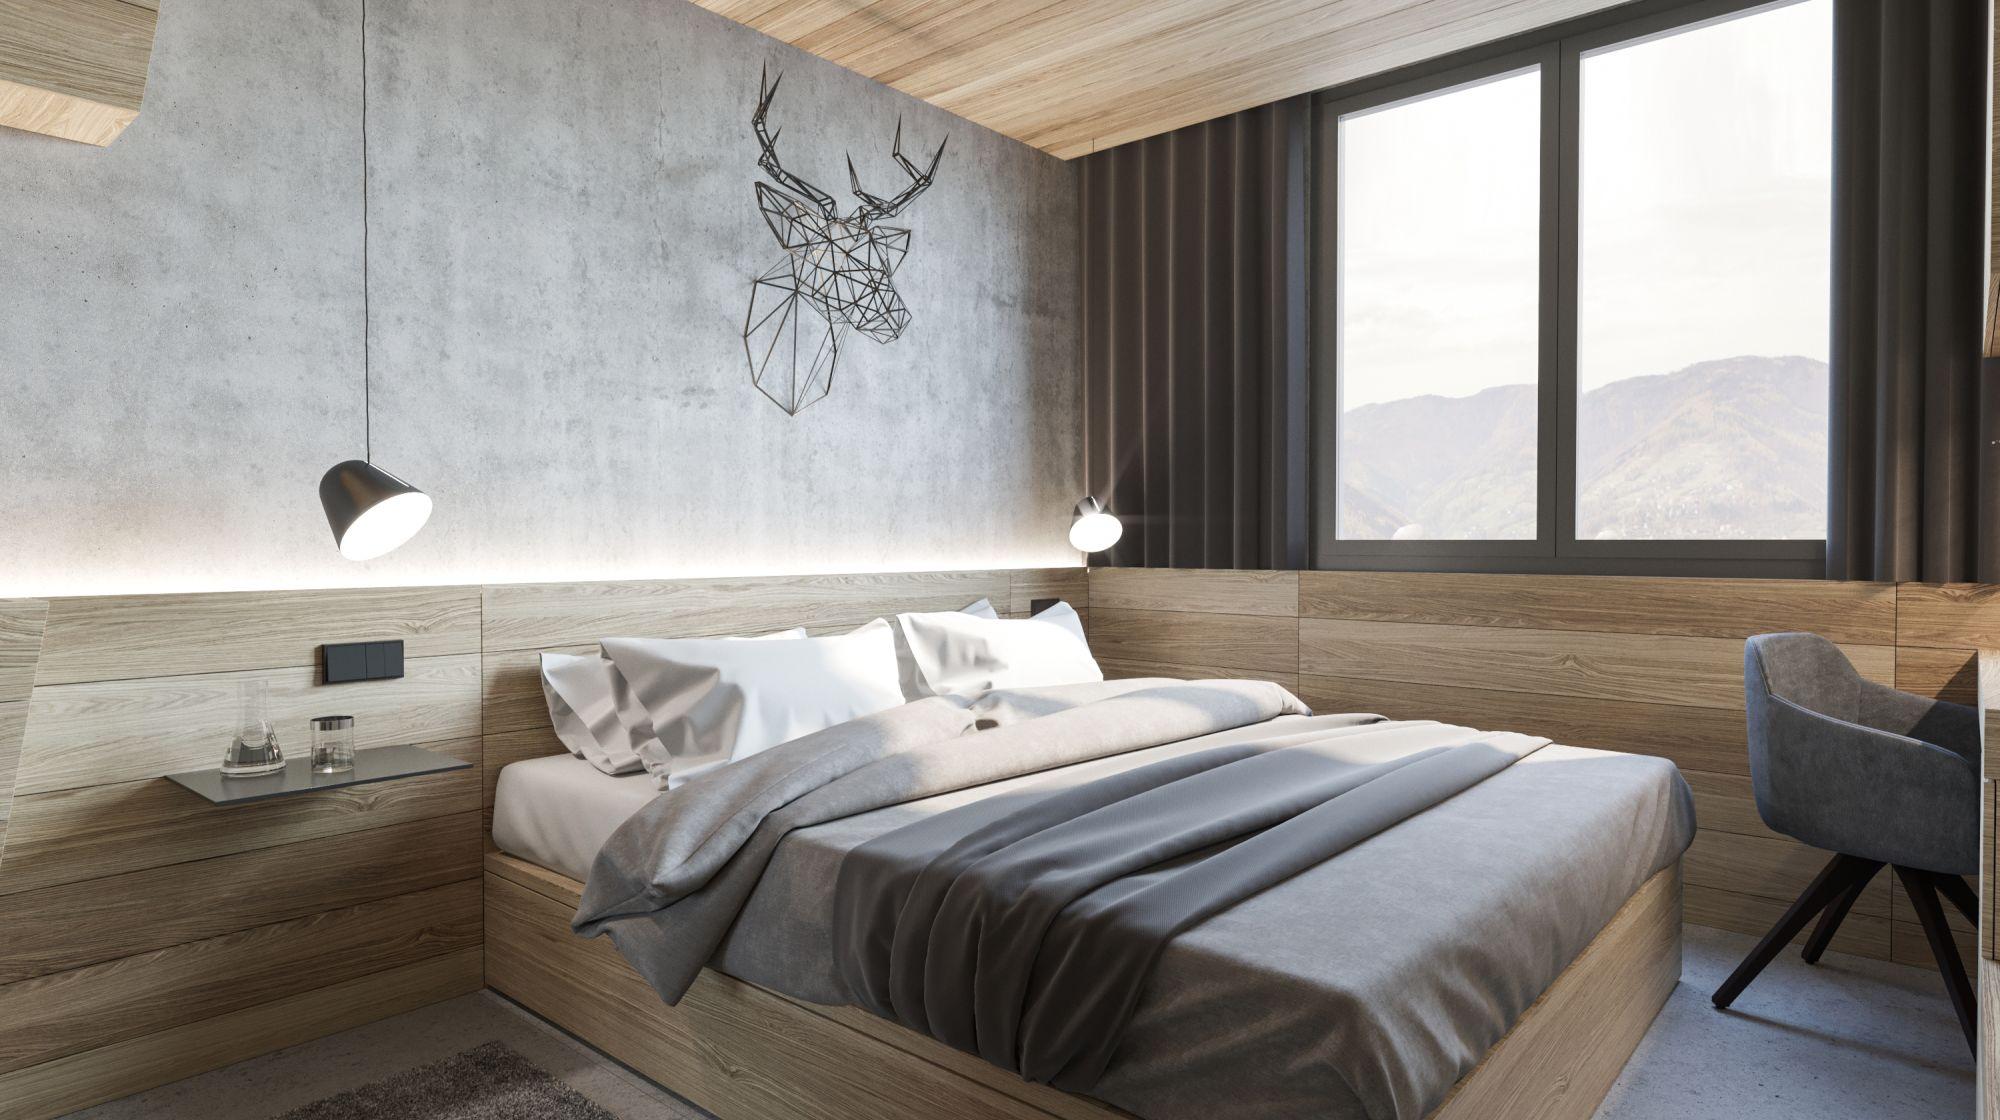 In der Wintersaison 2018/19 iiffnet seine Tilren das renovierte Hotel Rogla***.